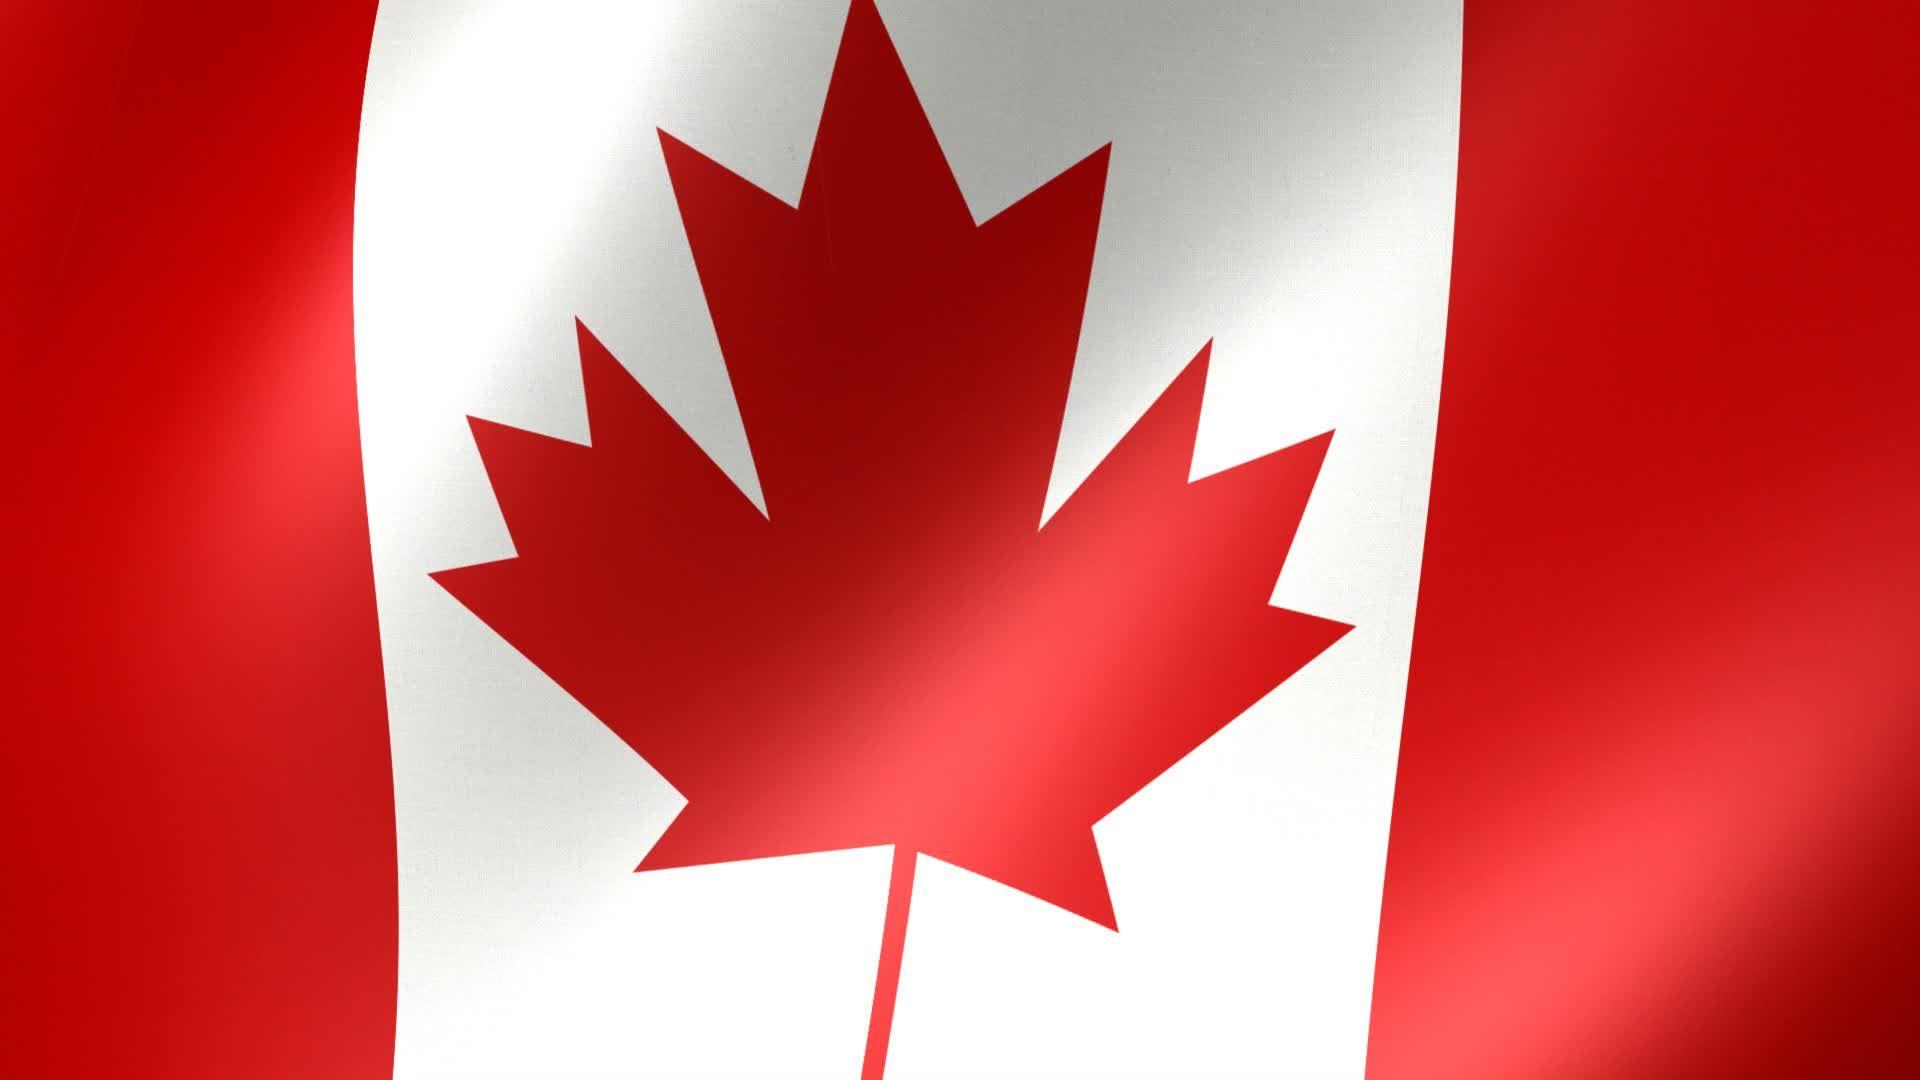 канадский флаг в картинках бесплатно широкоформатные